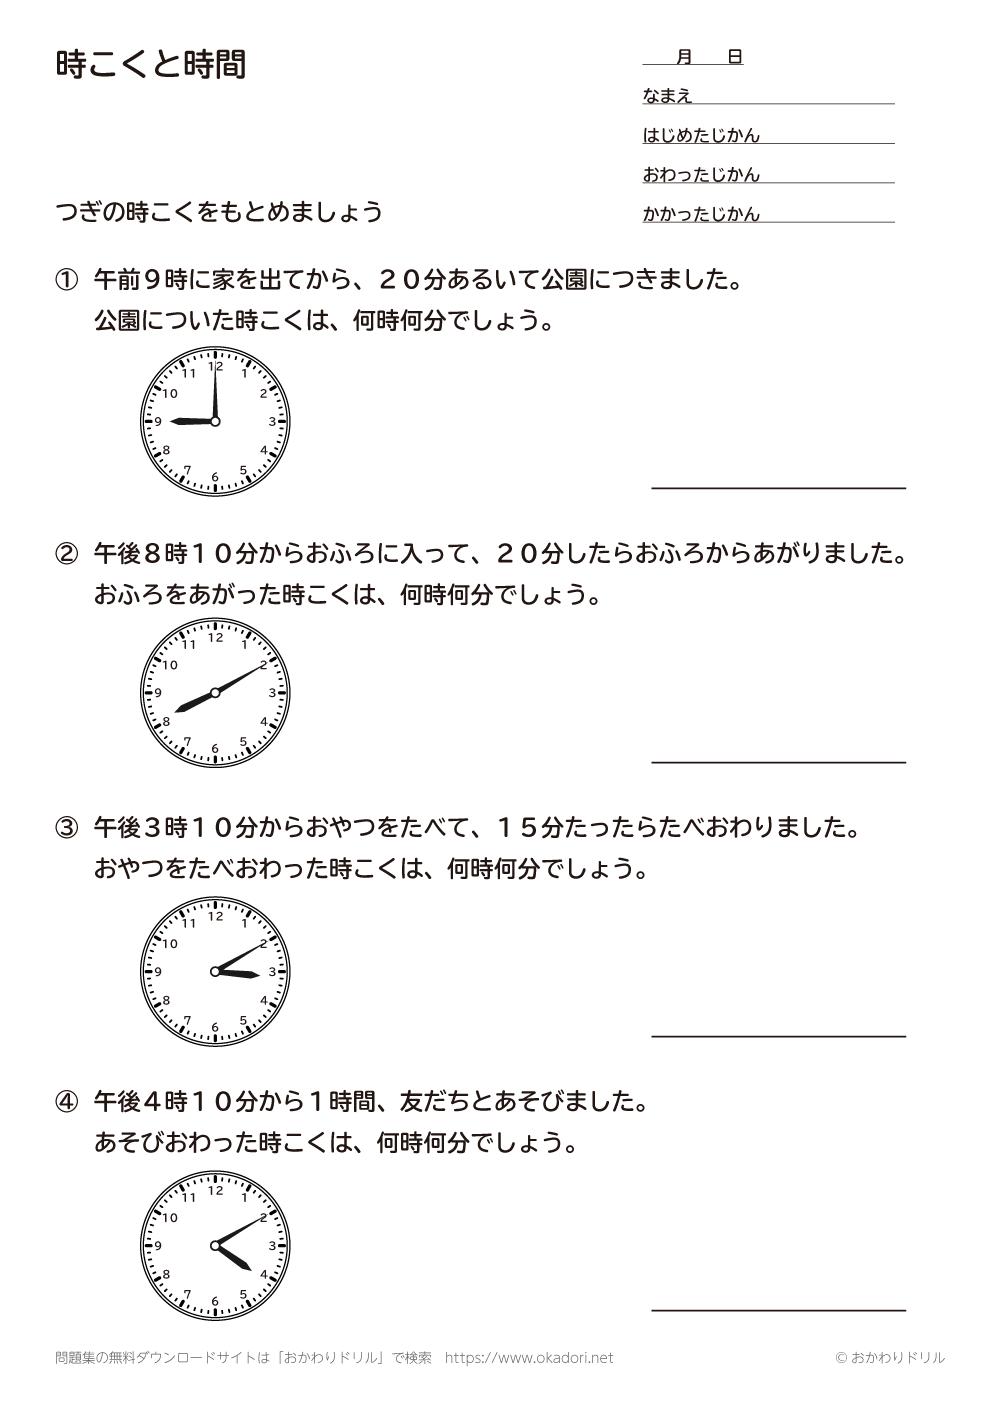 時刻と時間問題と答え5